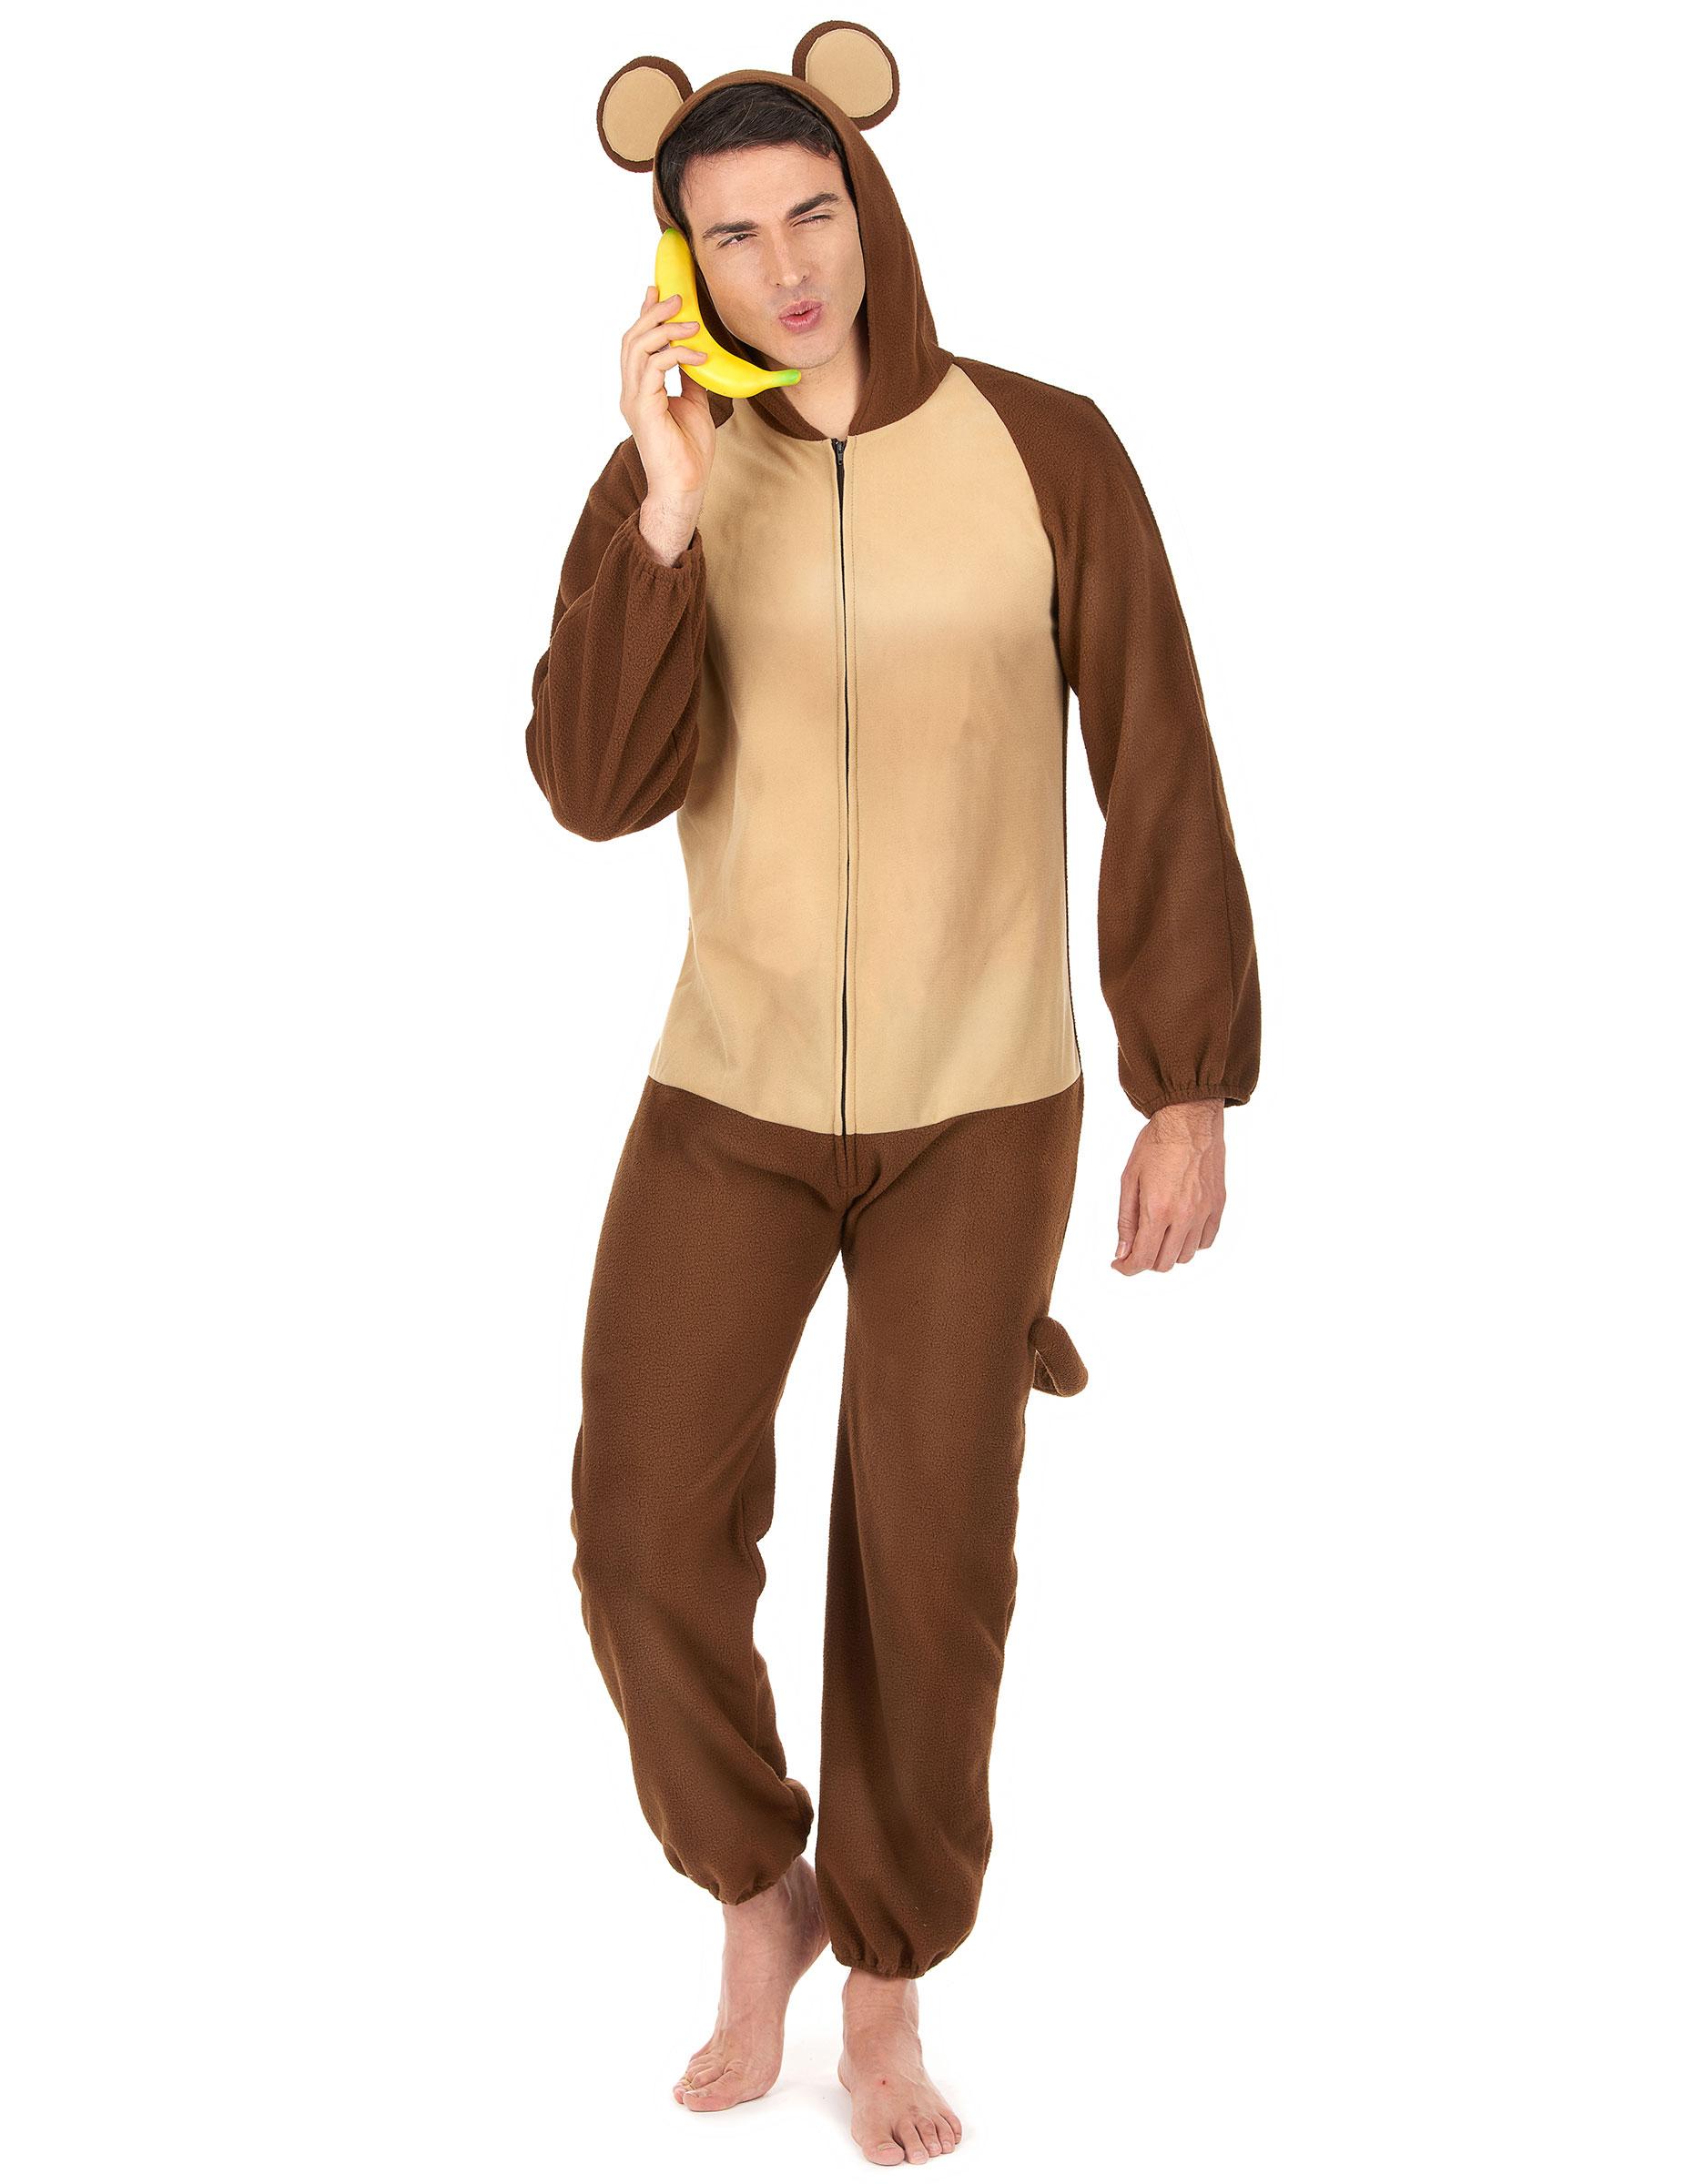 Trova tutti i costumi da Poliziotto per uomo e gli accessori, per adulti e bambini per la tua festa di Carnevale, Halloween, Feste a Tema, Natale sul nostro sito .